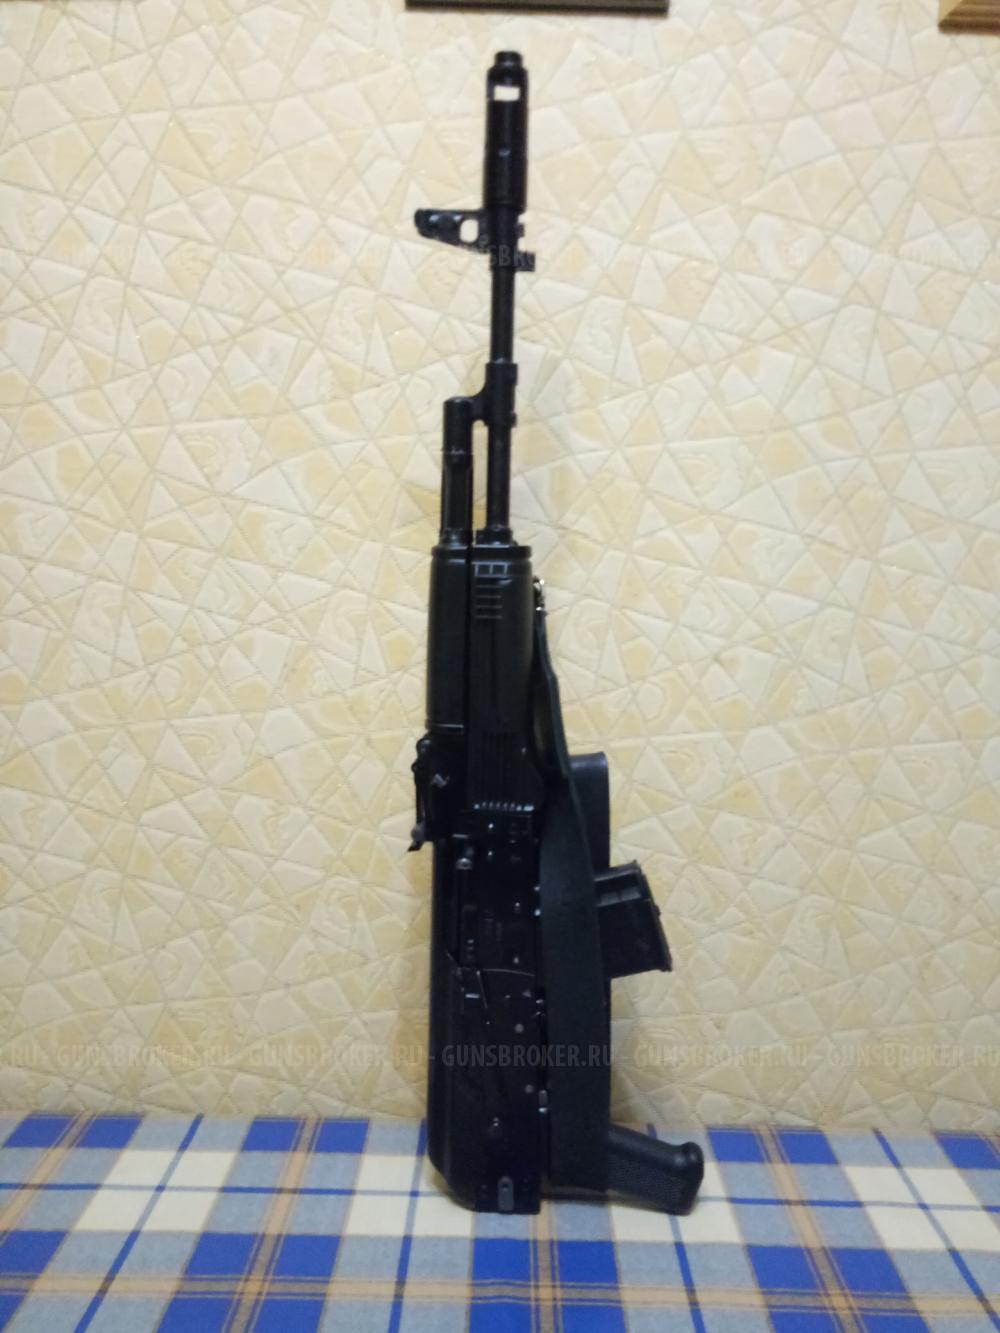 Самозарядный карабин Сайга 5,45 исполнение 08